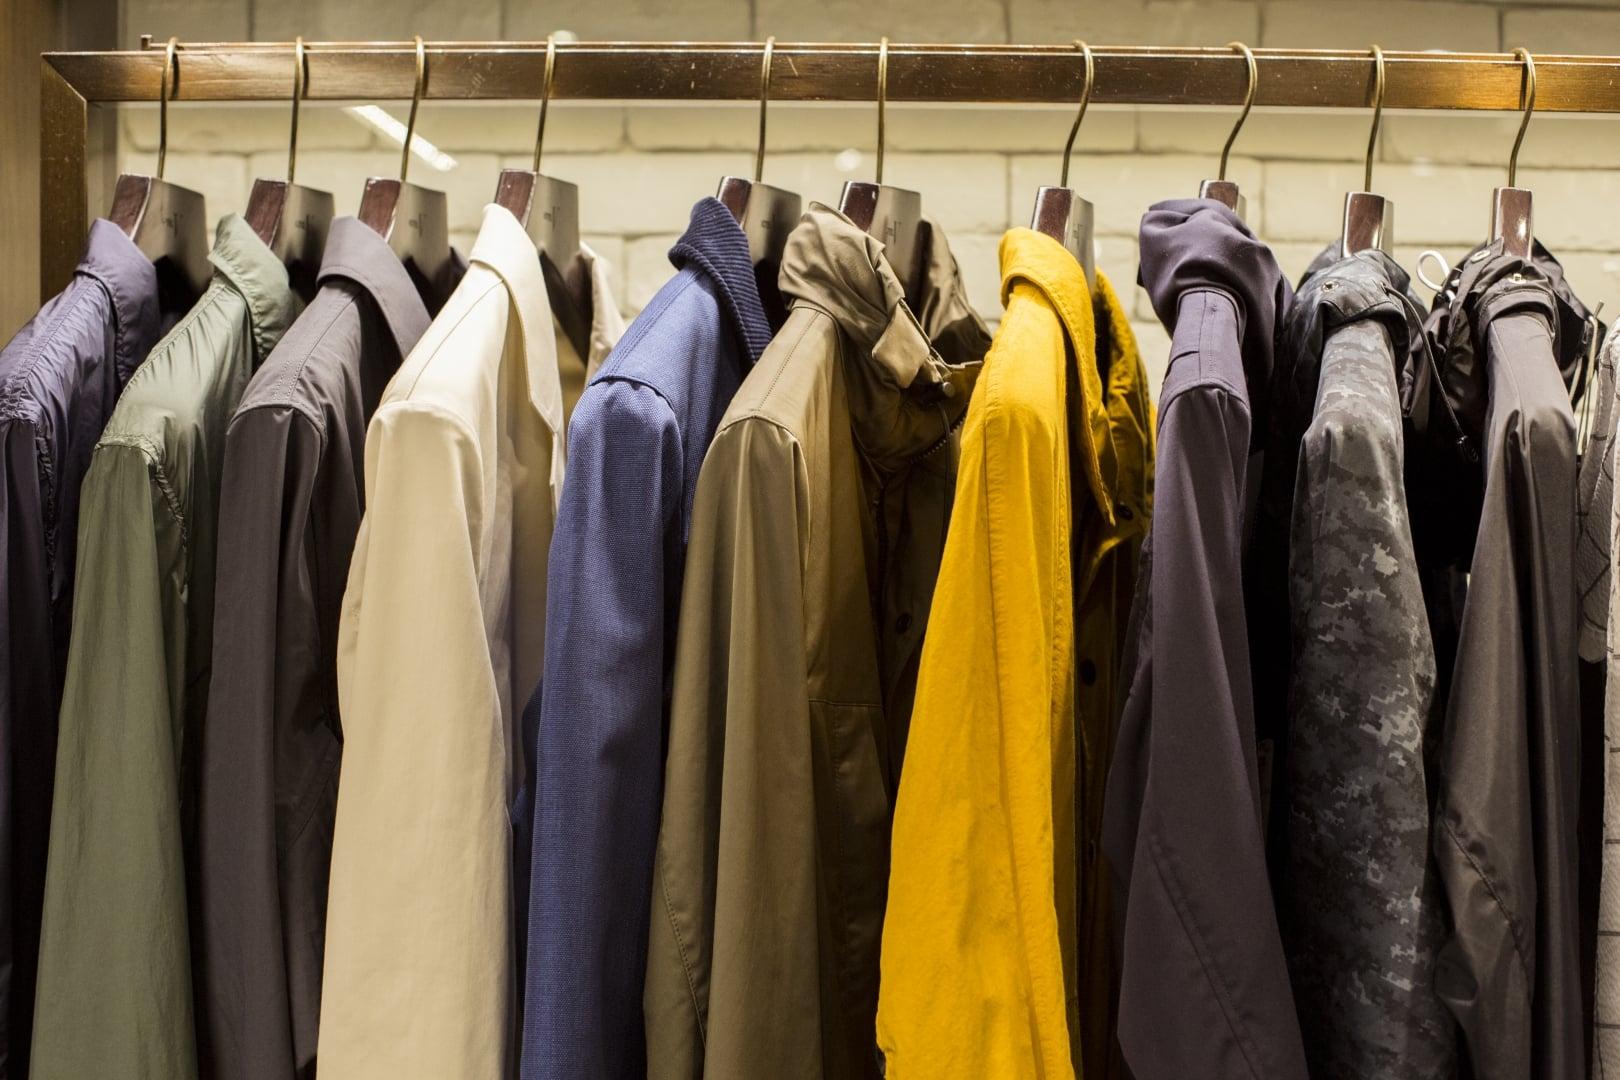 # HOTEL V 專訪:探索美好舒適的服裝聚落 14